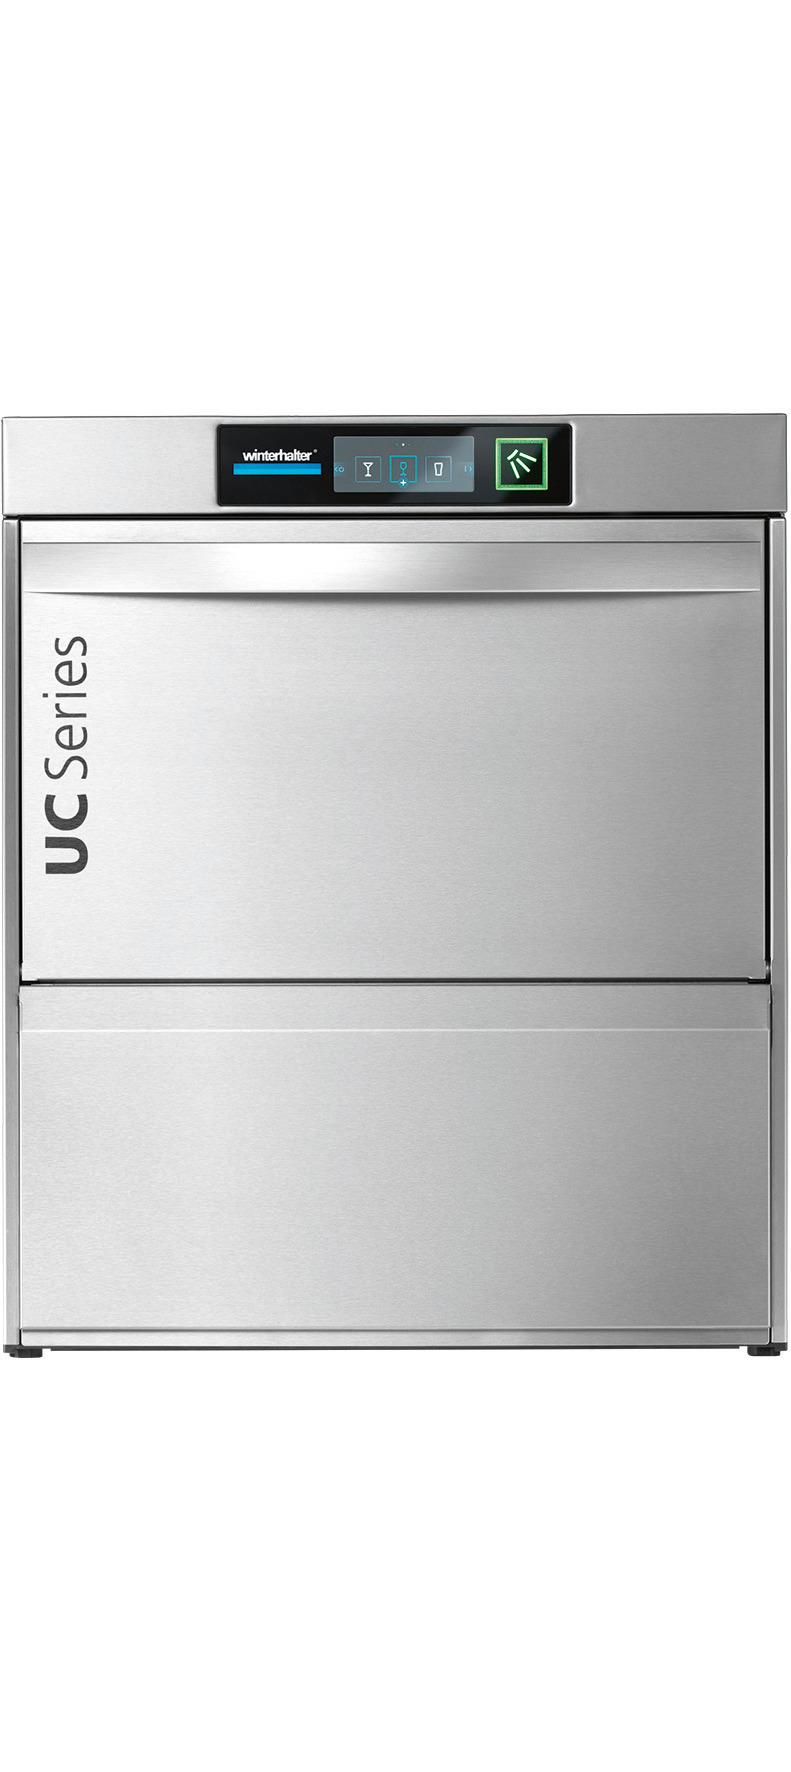 Gläserspülmaschine UC-M / 500 x 500 mm / mit Chemiebehälter / Cool / 400 V